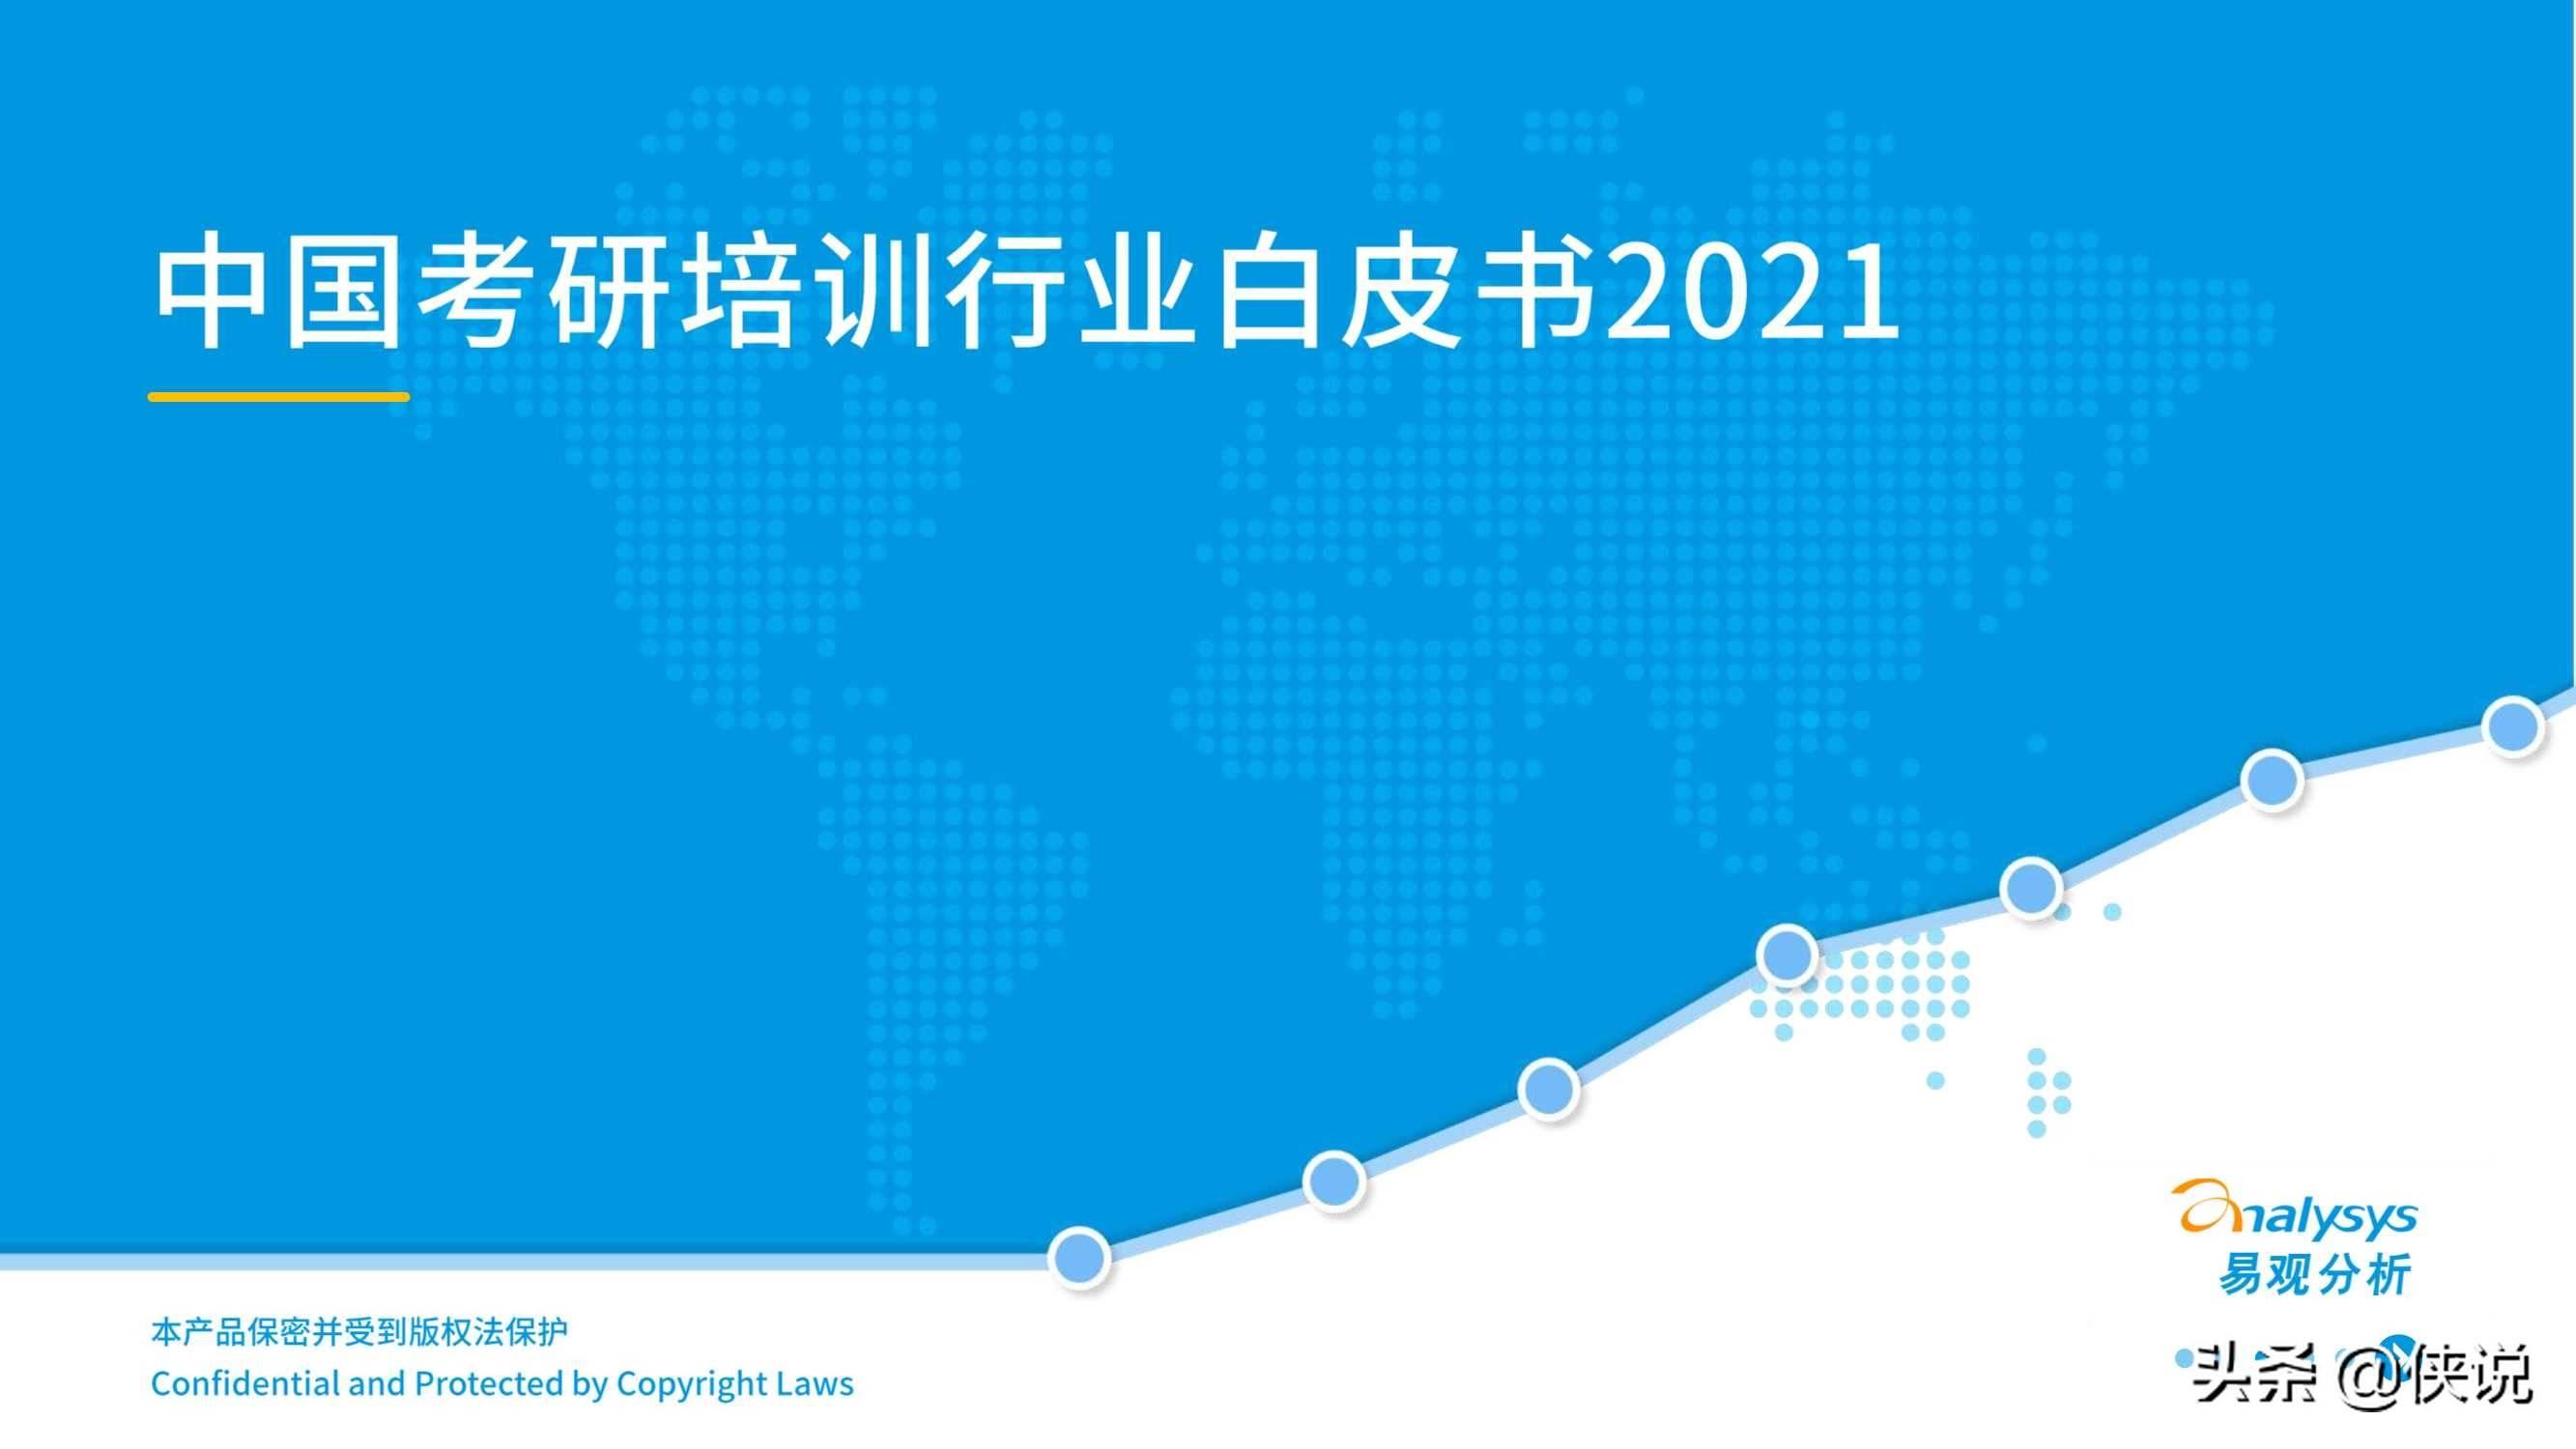 中国考研培训行业白皮书2021(易观)